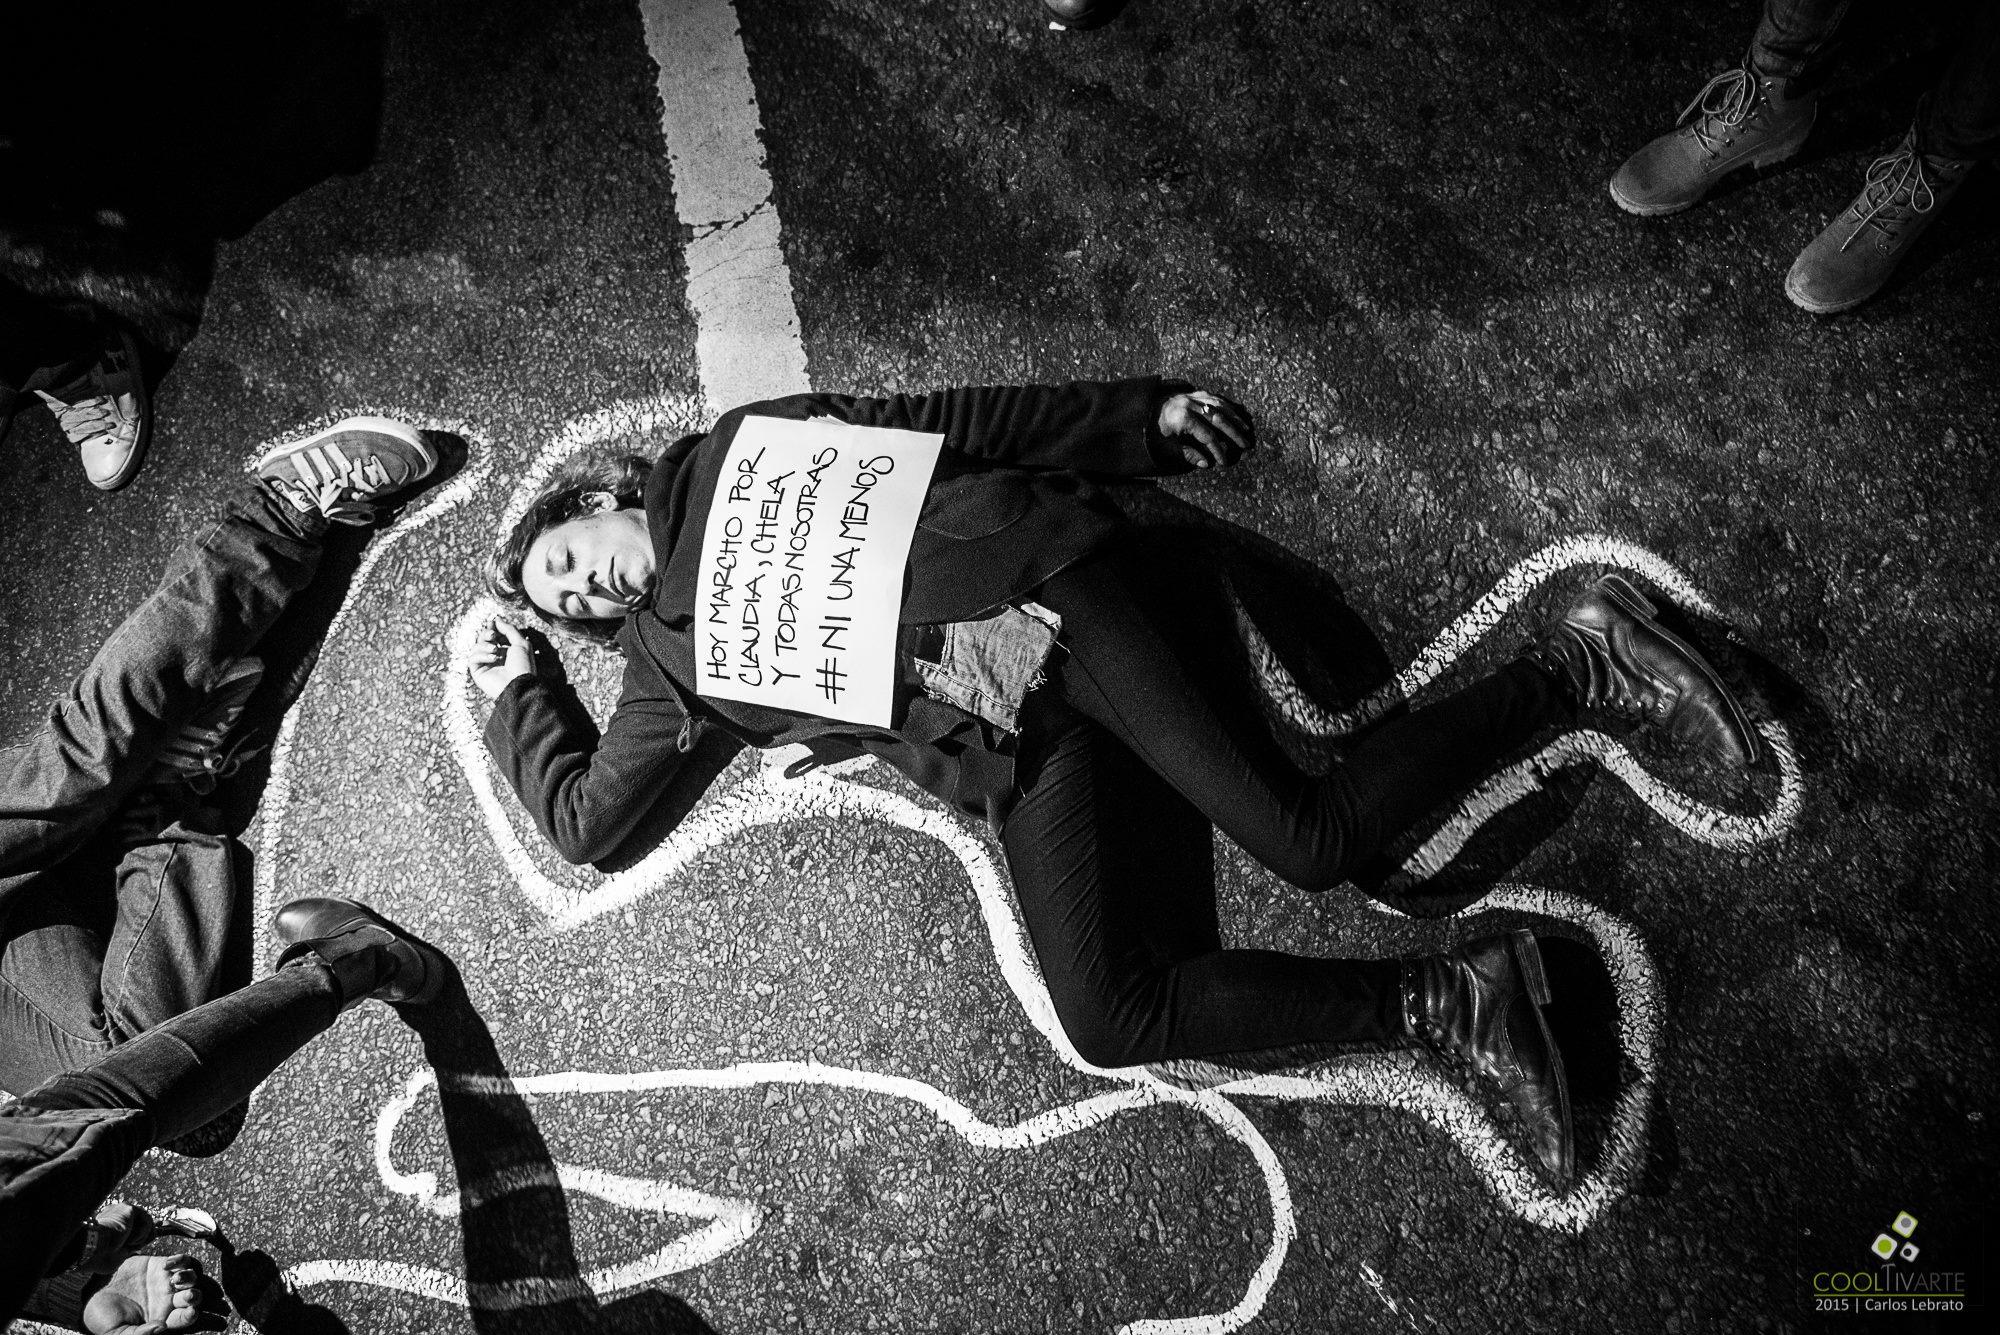 imagen - NI UNA MENOS – ¡TOCAN A UNA, TOCAN A TODAS! Fotos: Carlos Lebrato - Fotógrafo